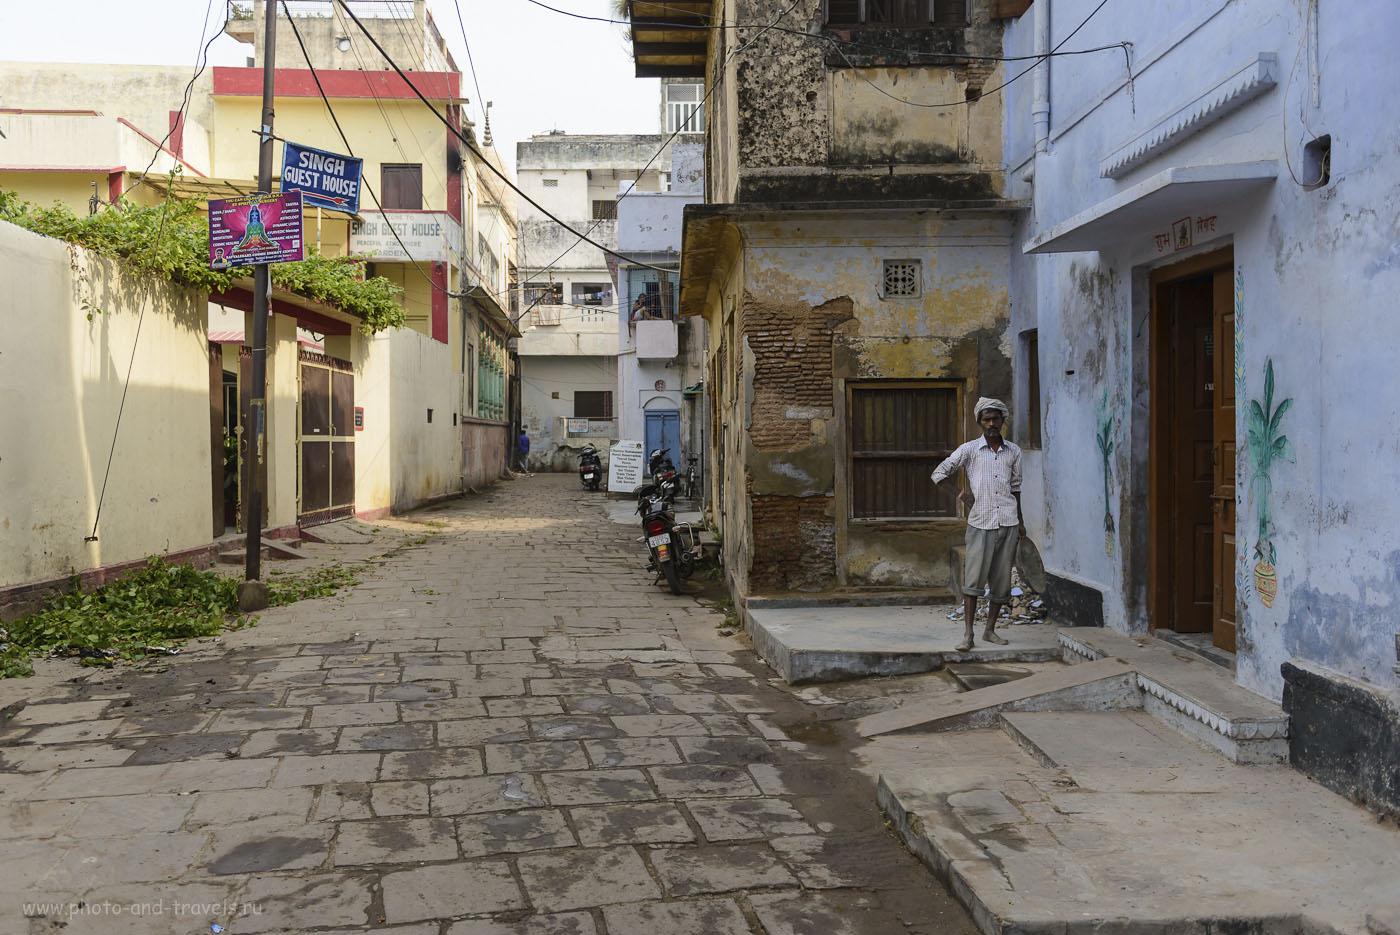 """Фотография 2. Не на дядьку смотри, на ворота слева и знак """"Singh Guest House"""". Где жить во время поездки в Варанаси. Туры в Индию самостоятельно. 1/1250, 2.8, 200, 27."""